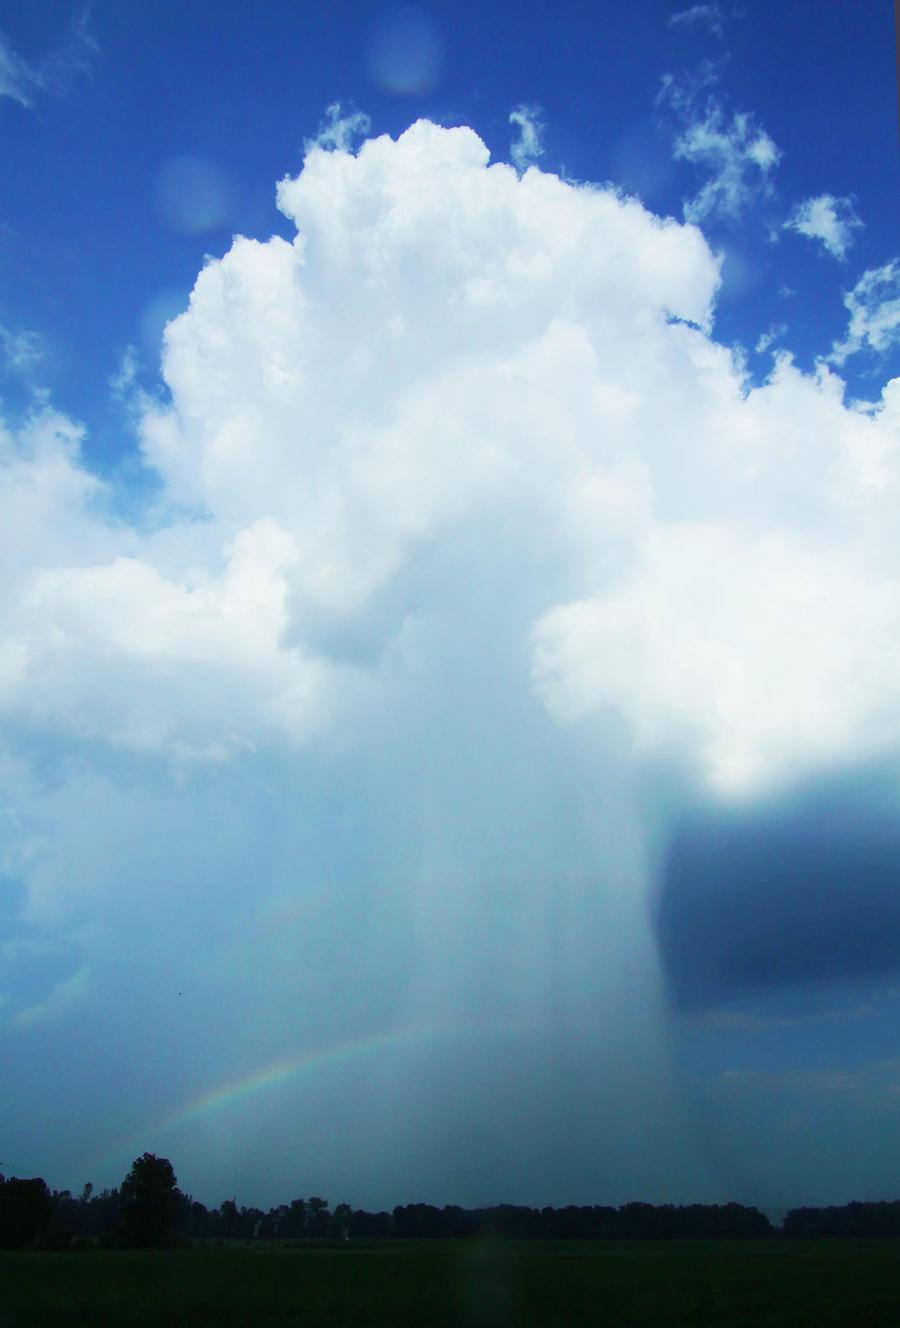 CloudBurst by LakeFX